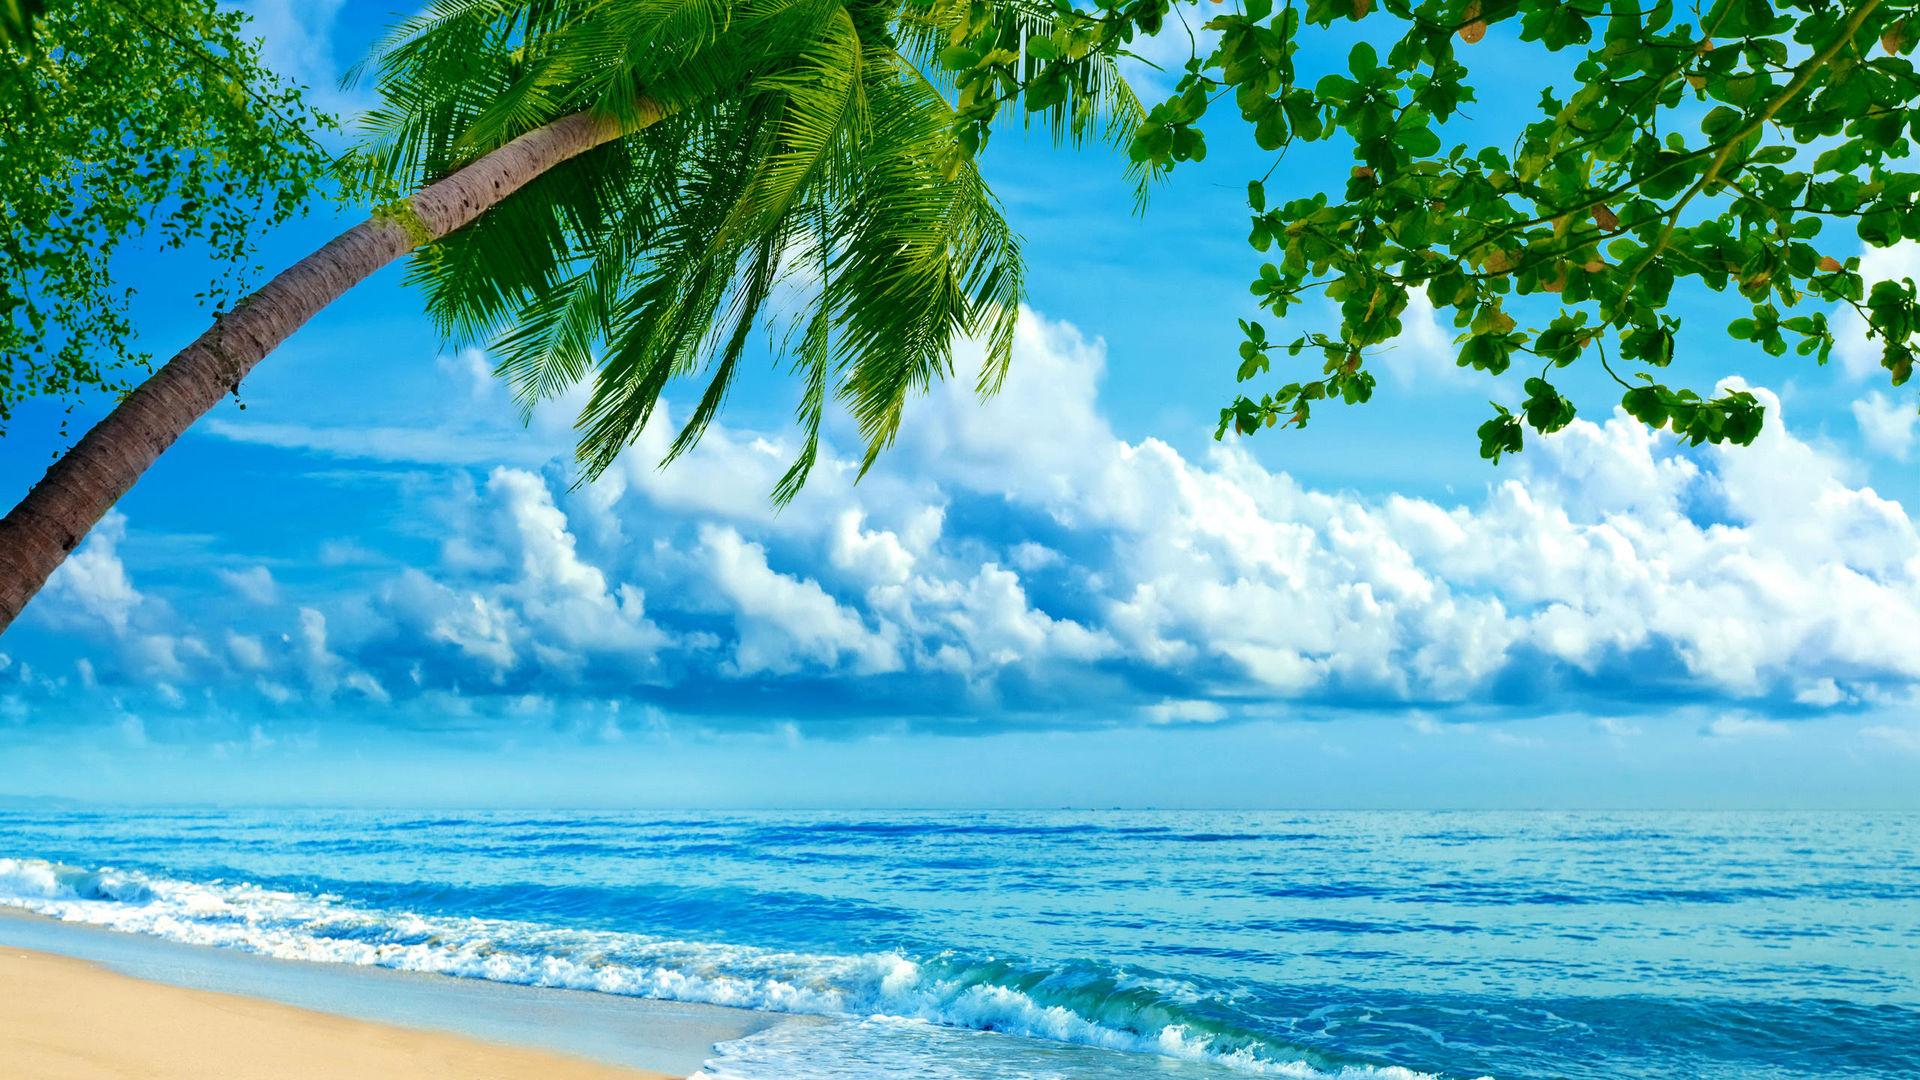 скачать картинки рабочий бесплатно на лето